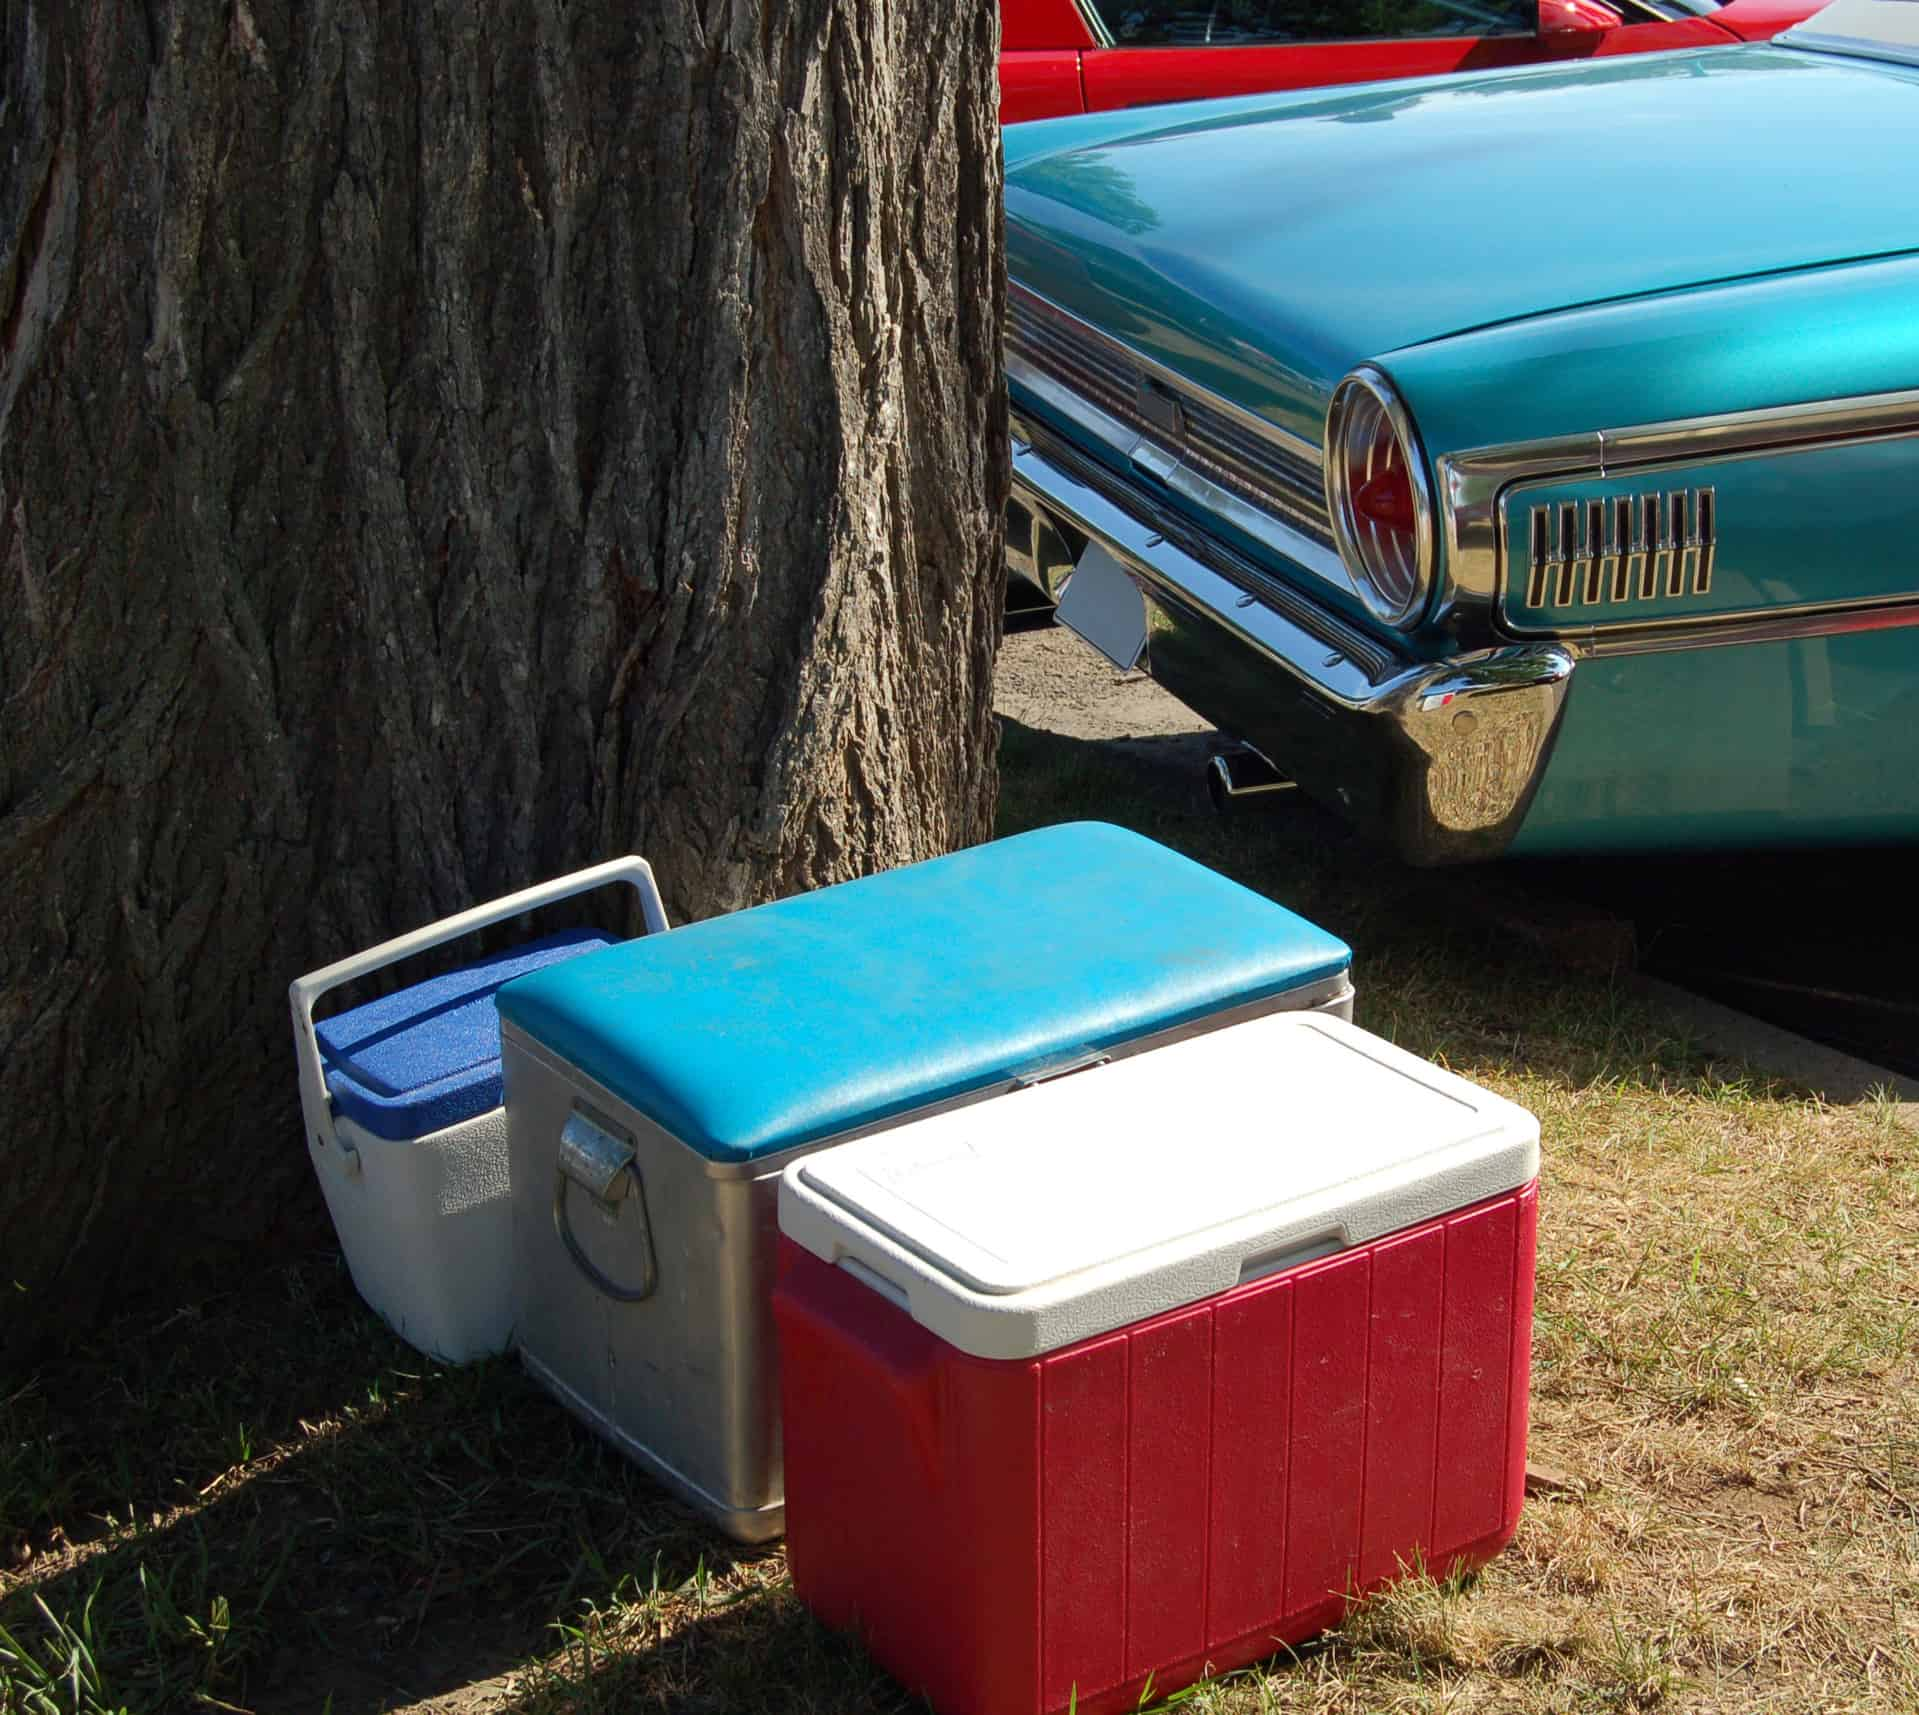 Três caixas térmicas no gramado em frente a um grande tronco de árvore e a traseira de um carro antigo azul ao fundo